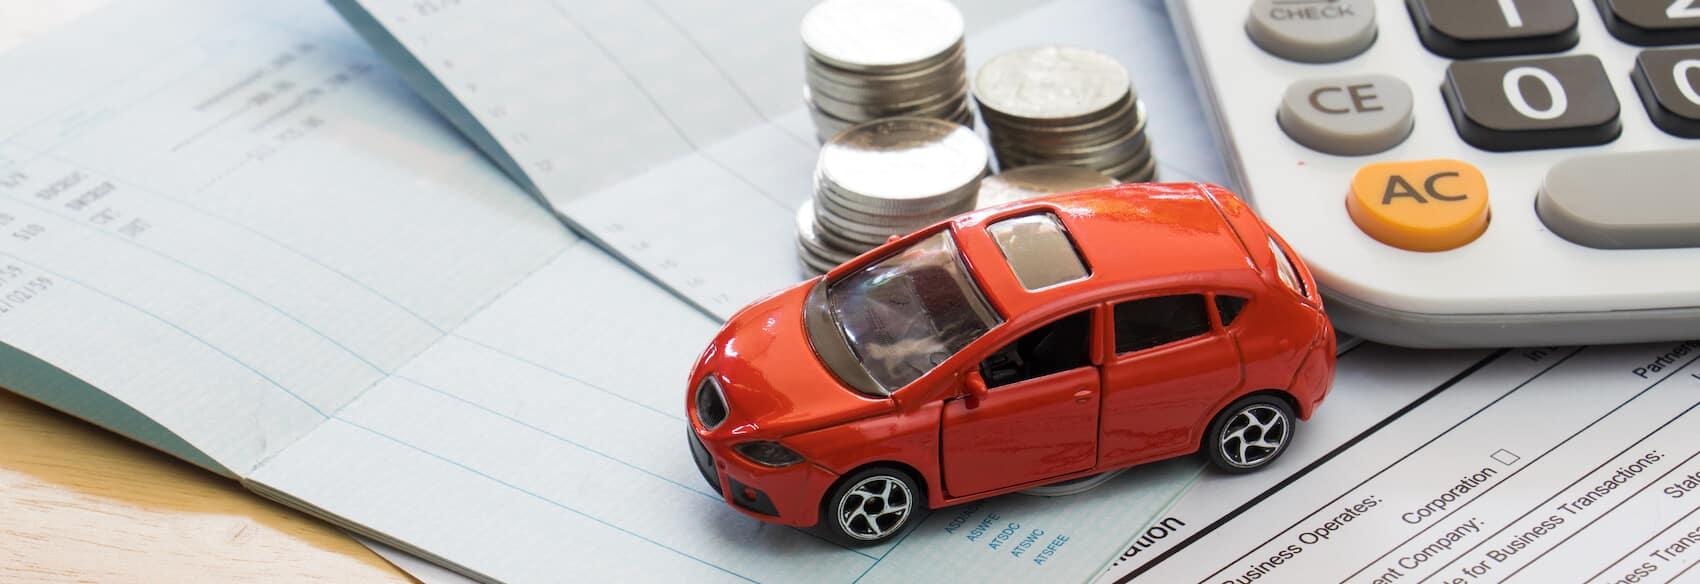 Financing a car Danvers, MA